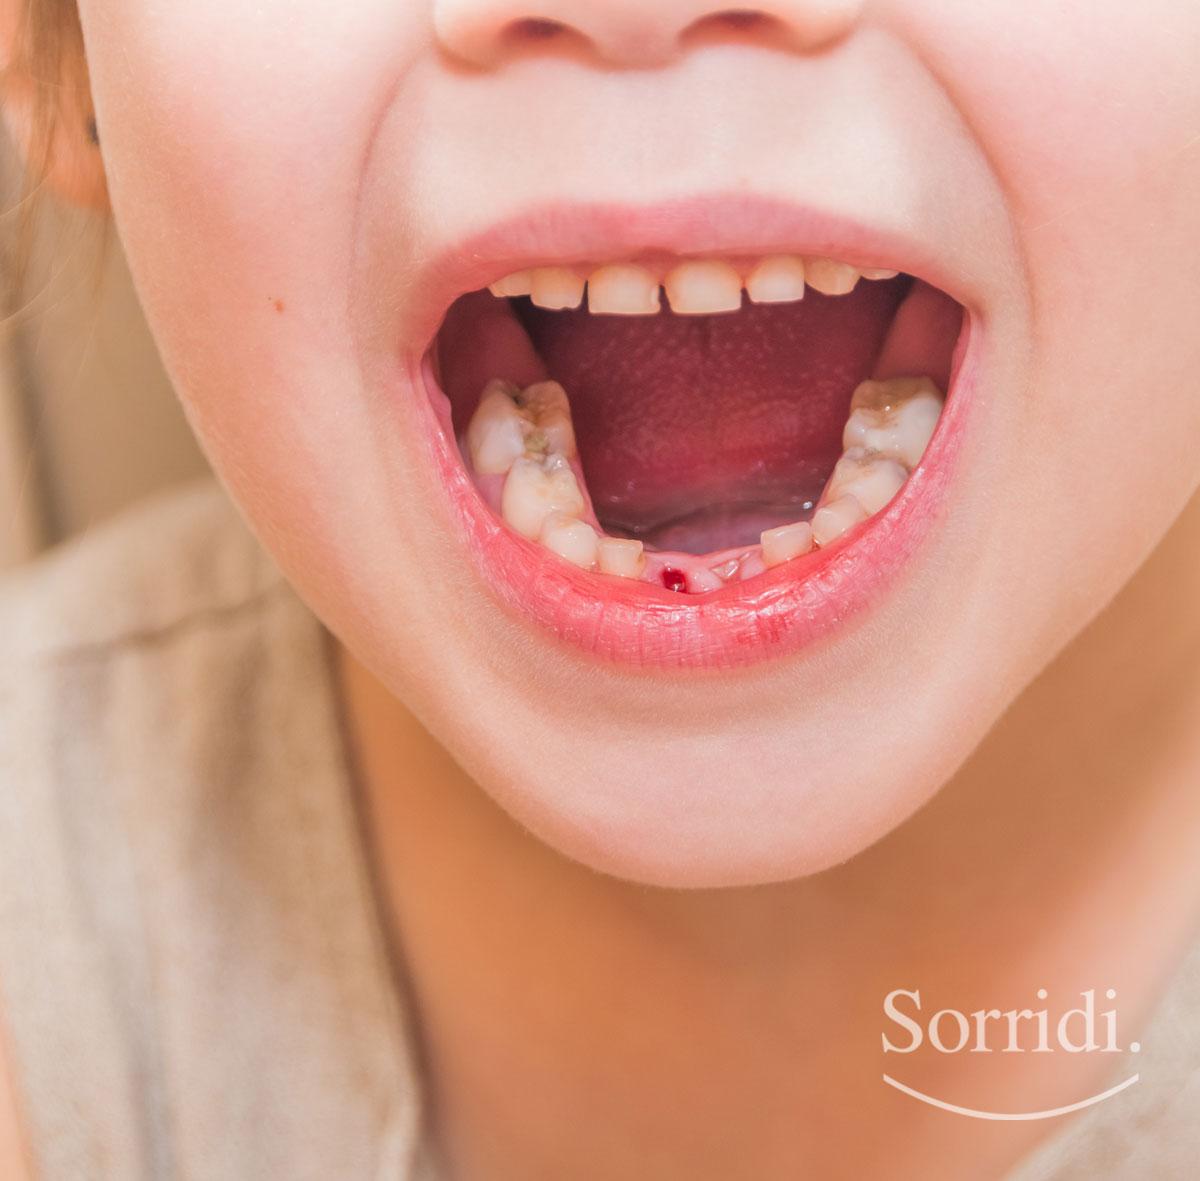 Sorridi-ch-magazine-carie-nei-bambini-e-consumo-eccessivo-di-zuccheri